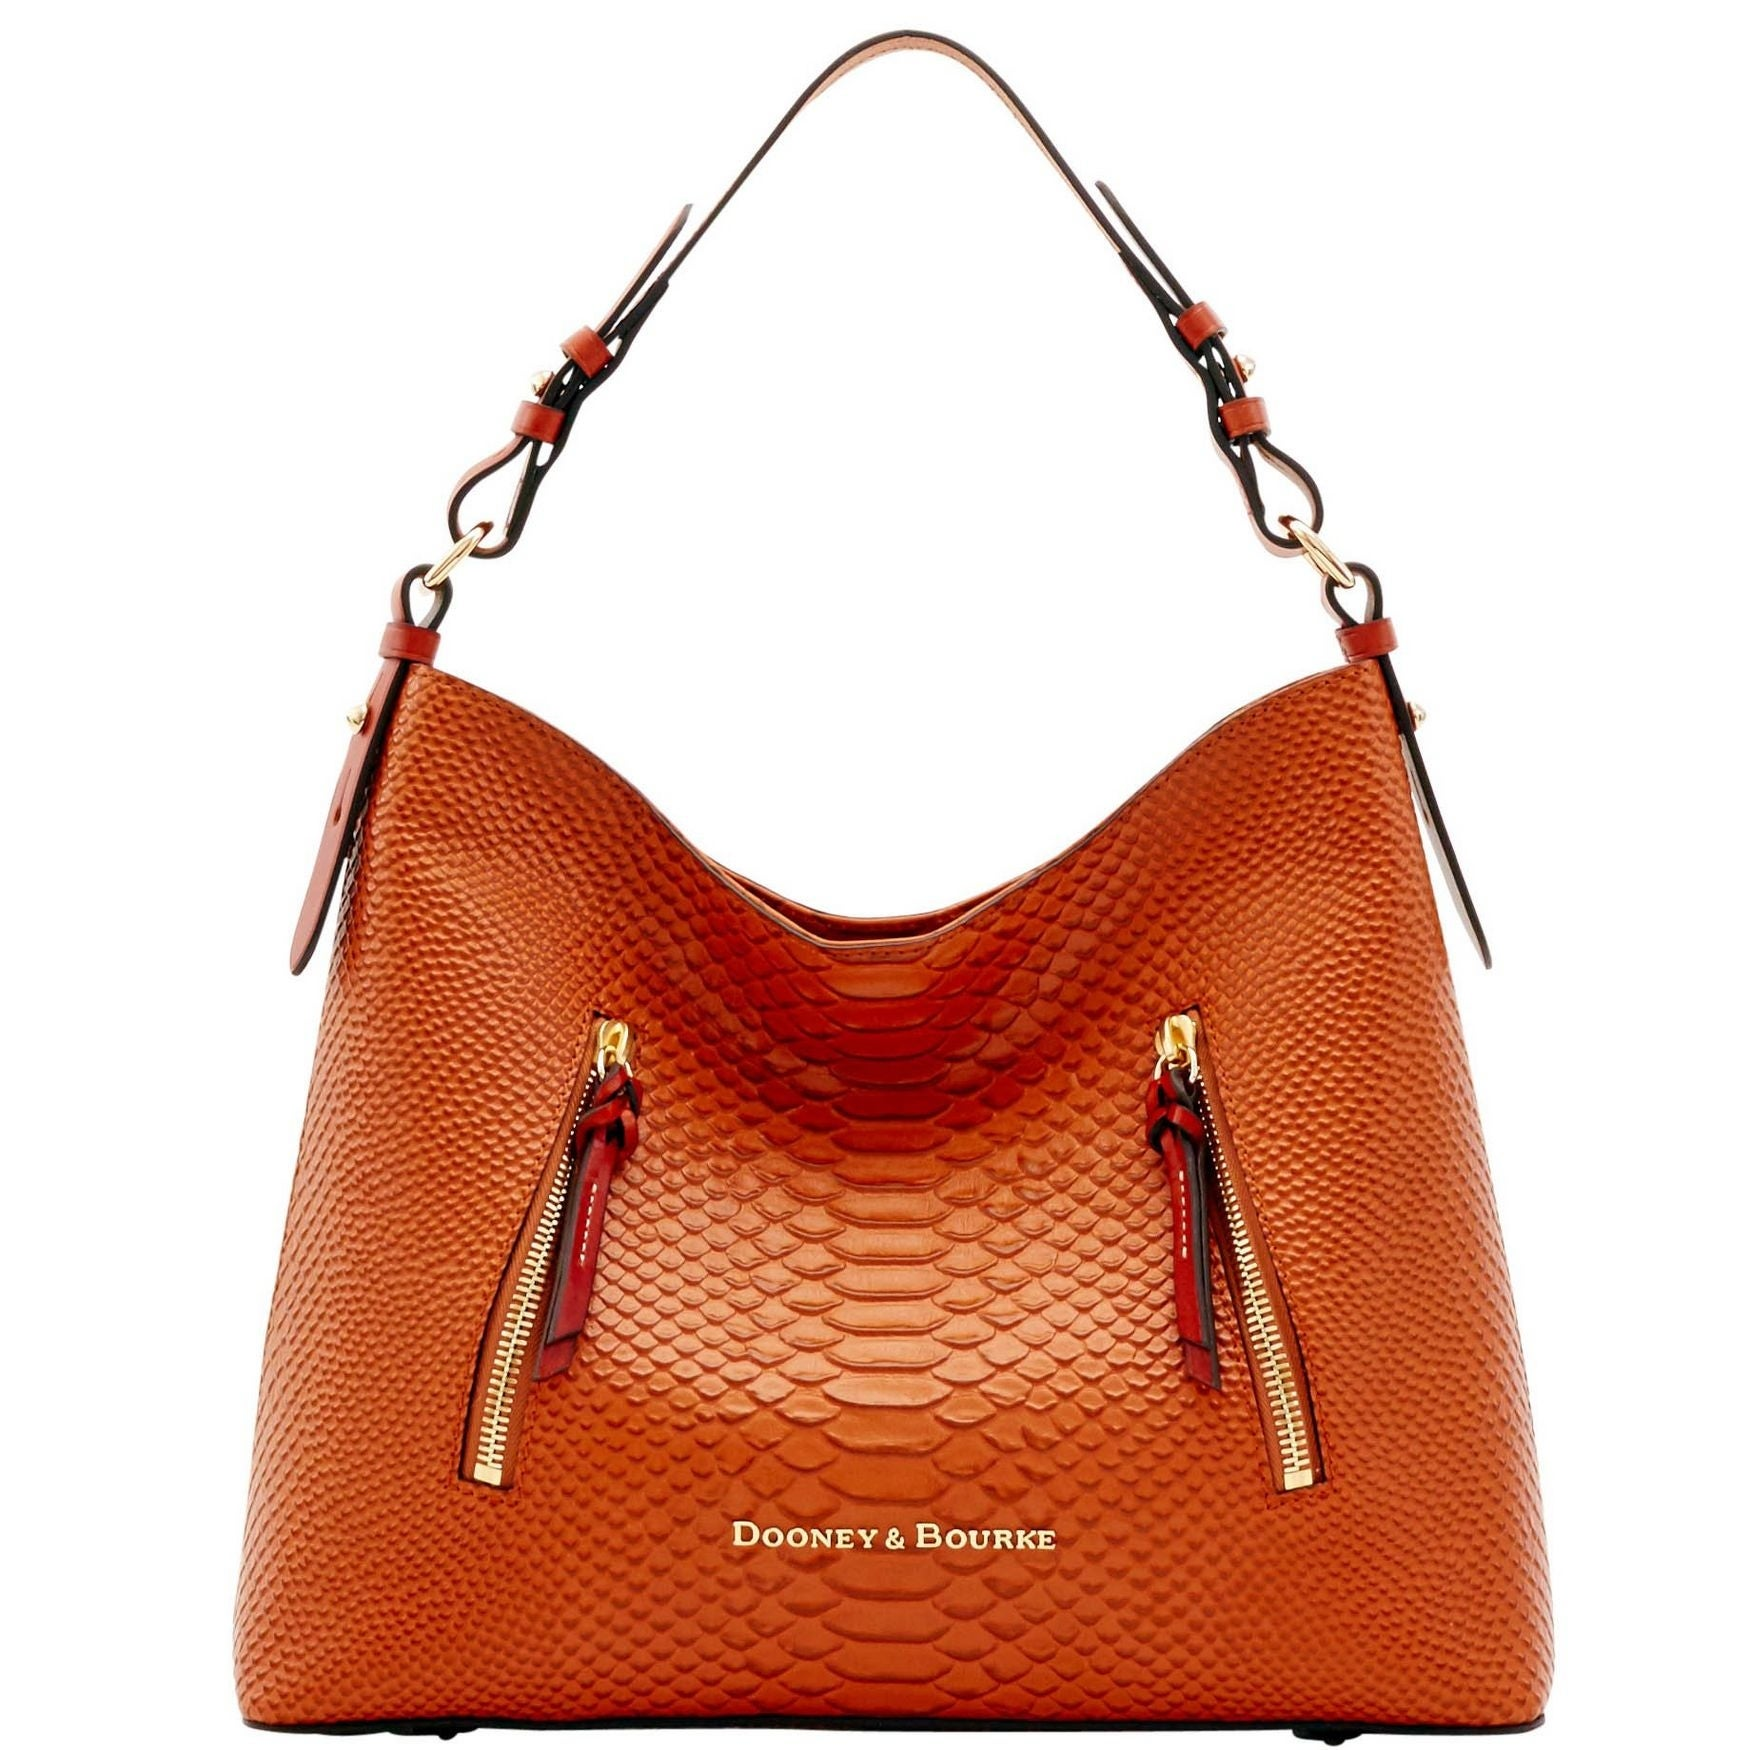 99997005419 Dooney & Bourke Handbags | Shop our Best Clothing & Shoes Deals ...